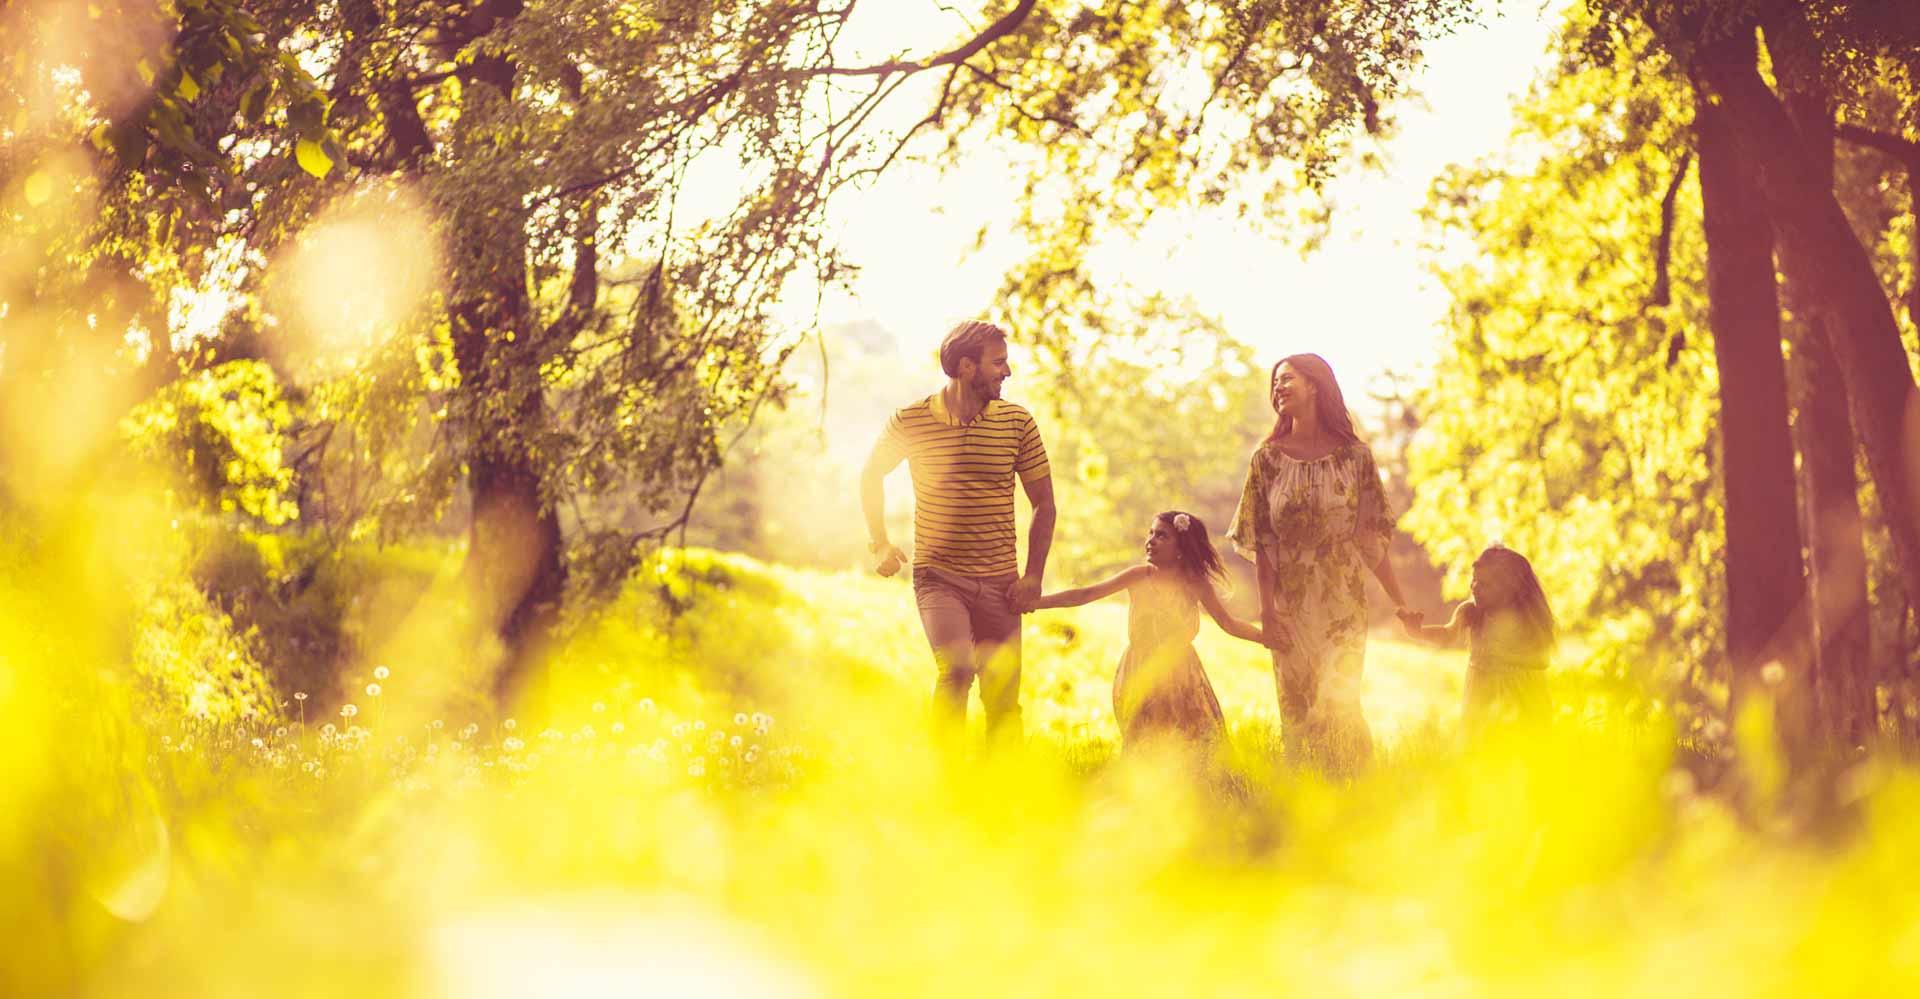 Familie in Natur in Gelb